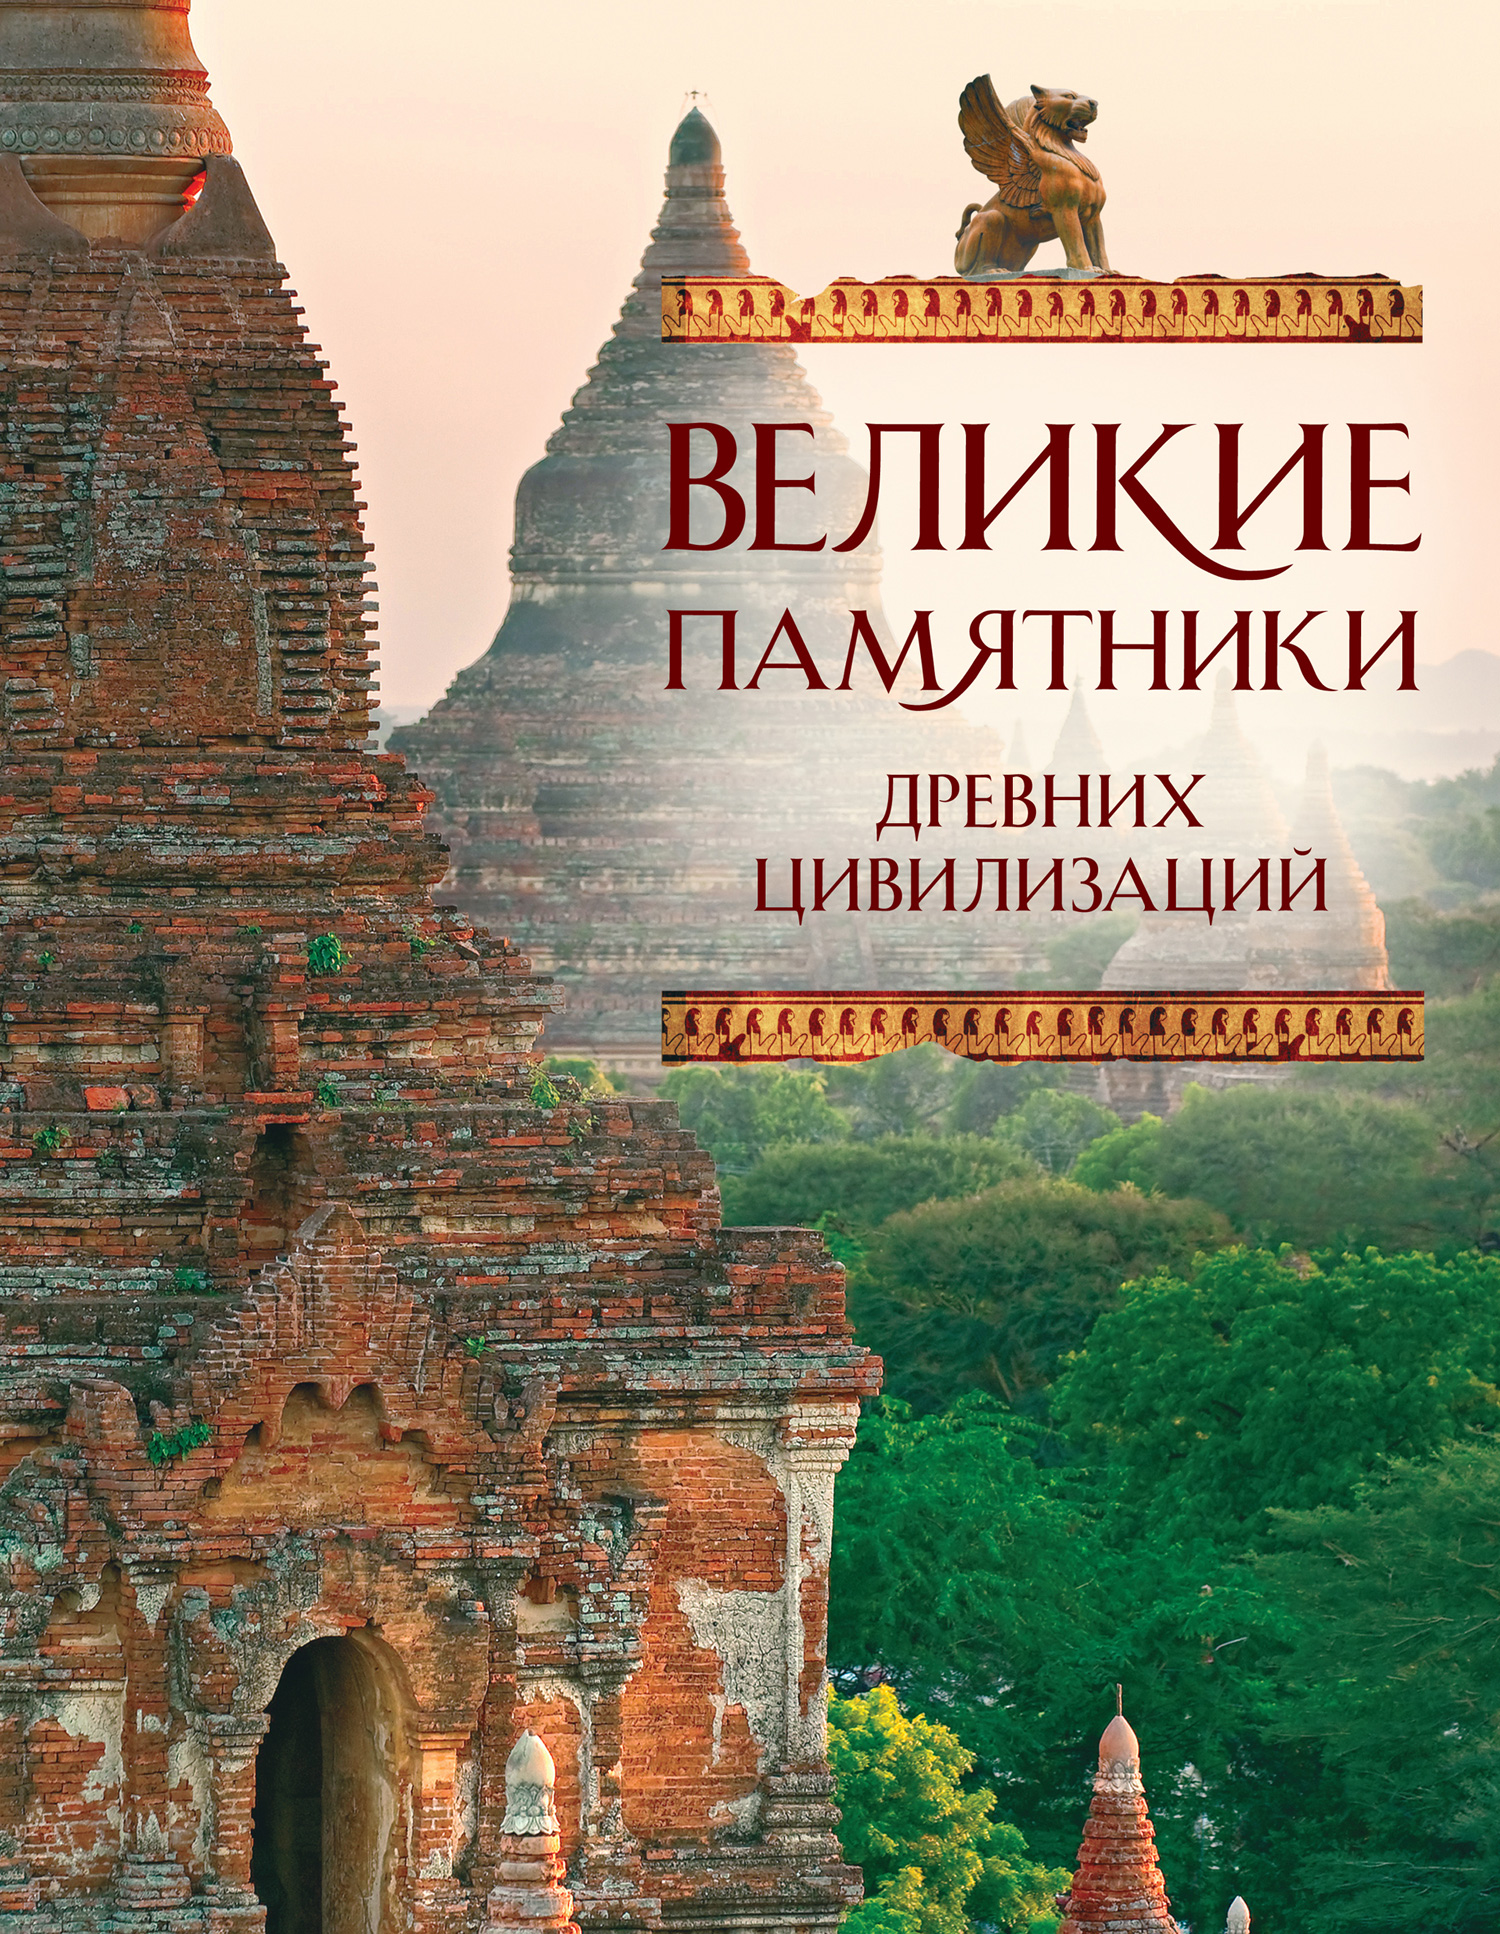 Великие памятники древних цивилизаций